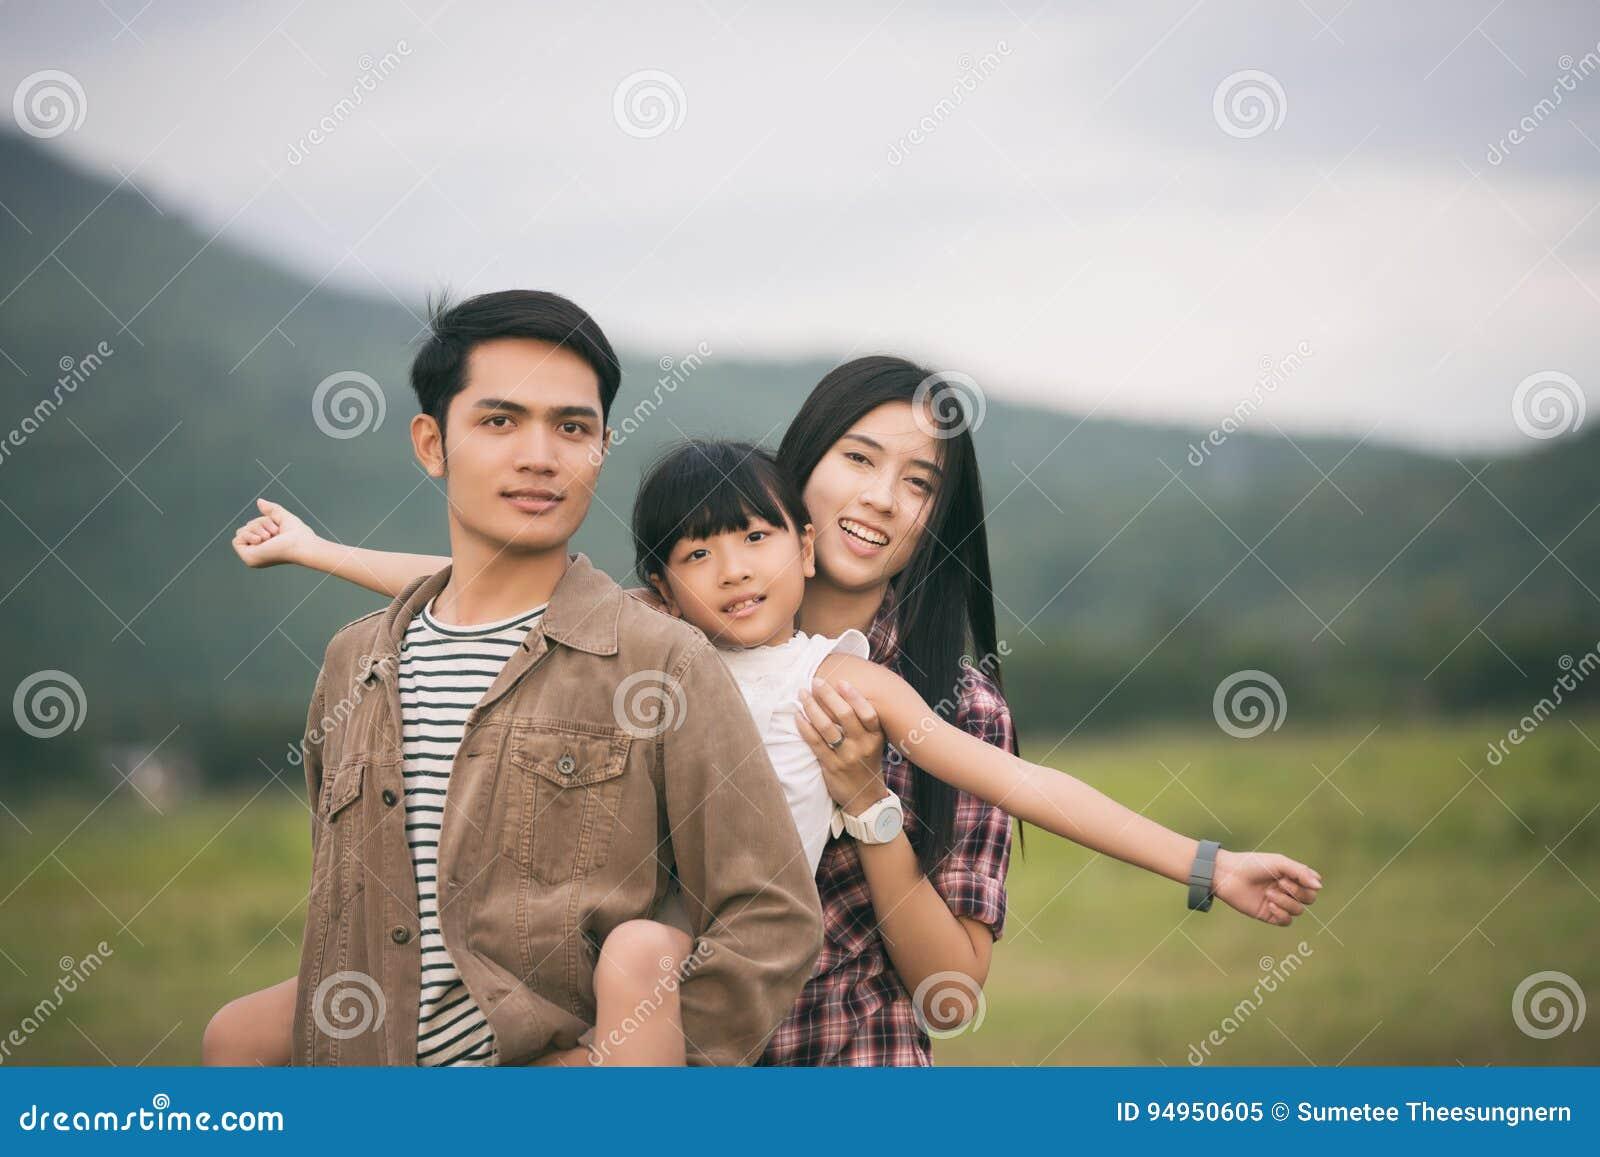 Ευτυχής οικογένεια που έχει τη διασκέδαση και που απολαμβάνει το ταξίδι στο πάρκο